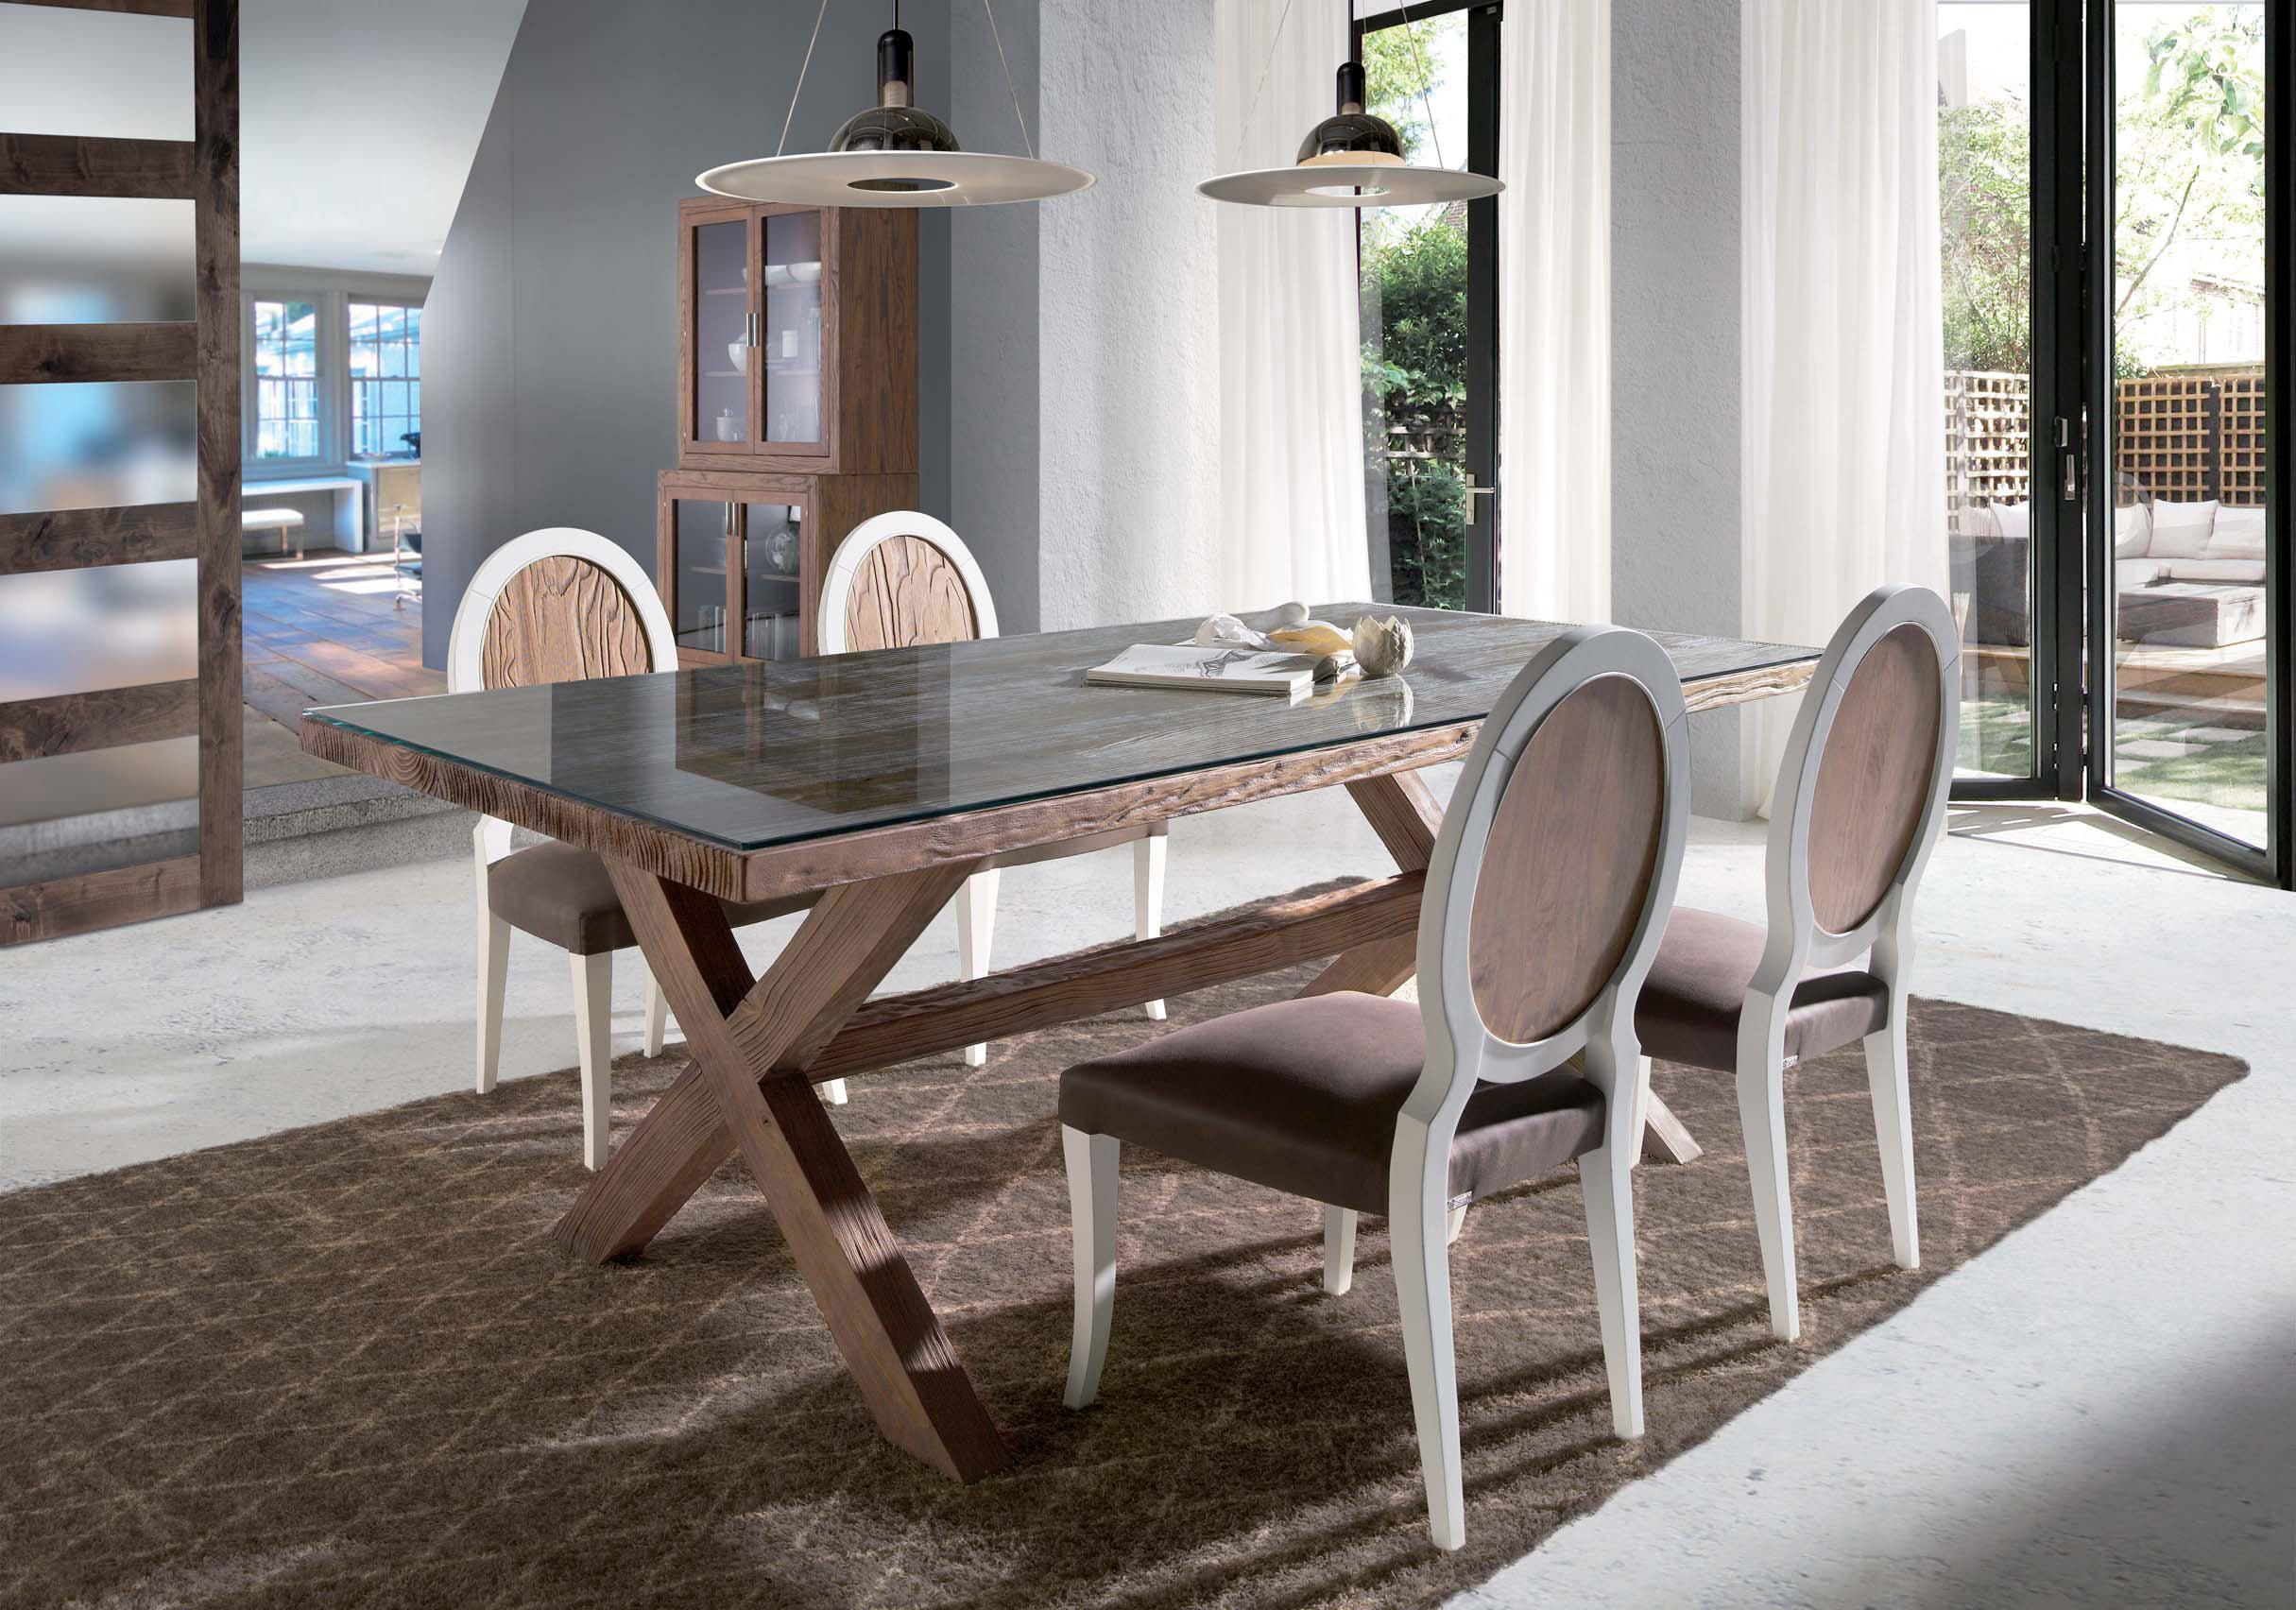 Mesas comedor con aire r stico villalba interiorismo for Mesas de comedor cristal y madera